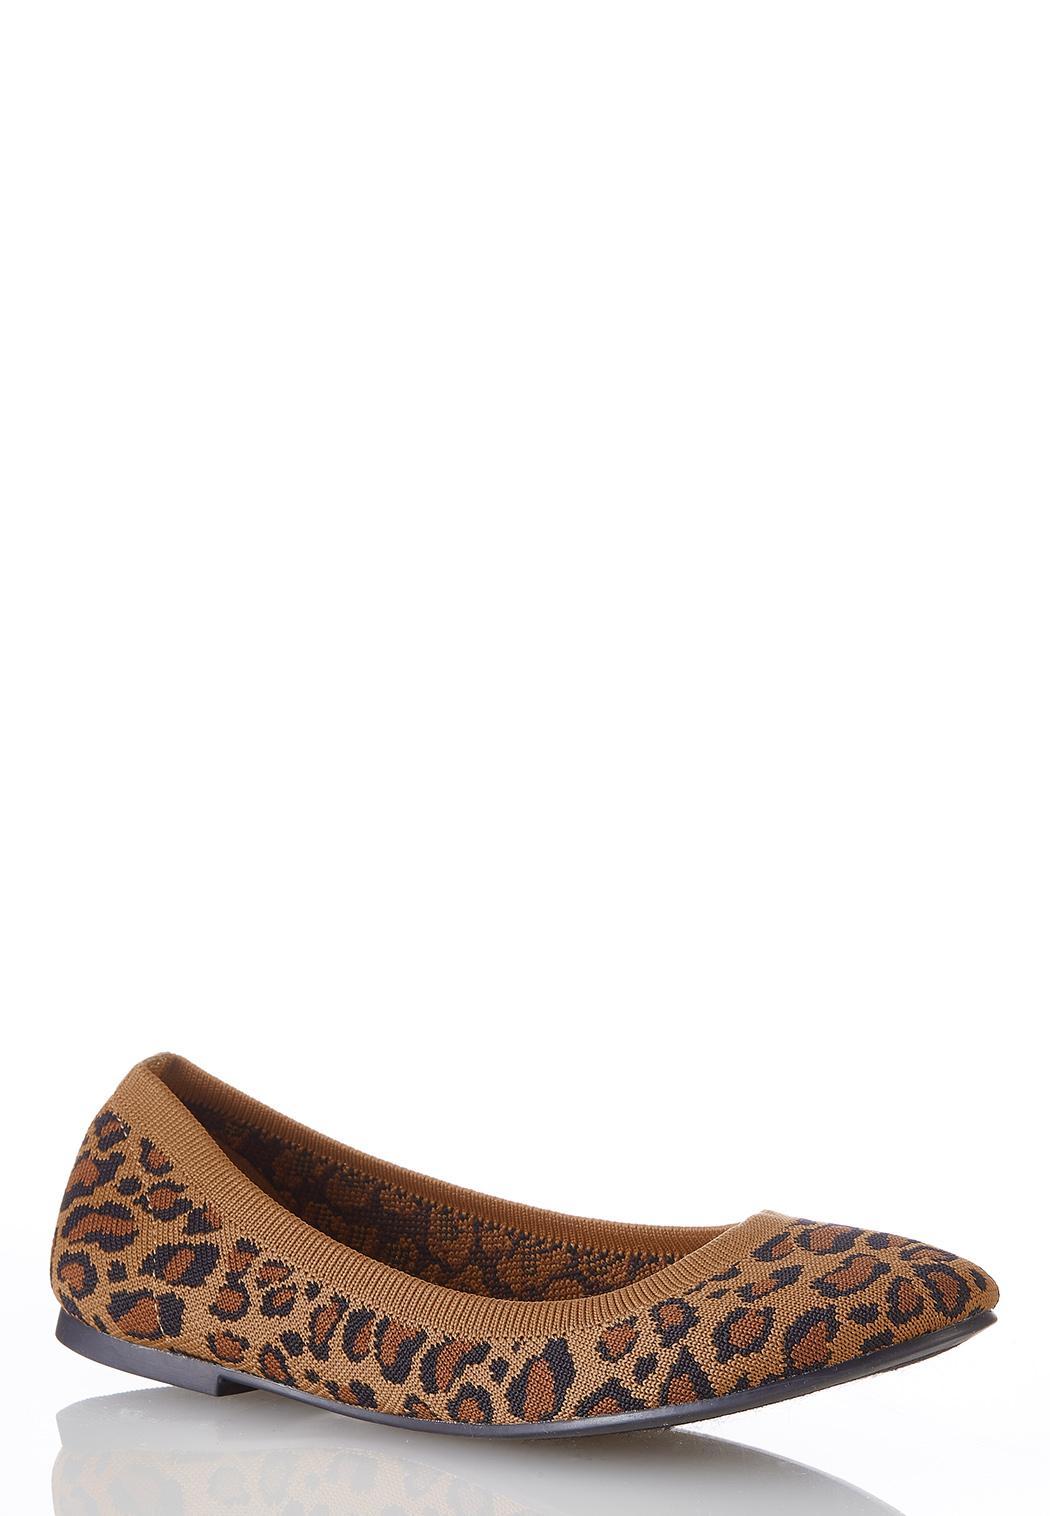 Leopard Knit Flats